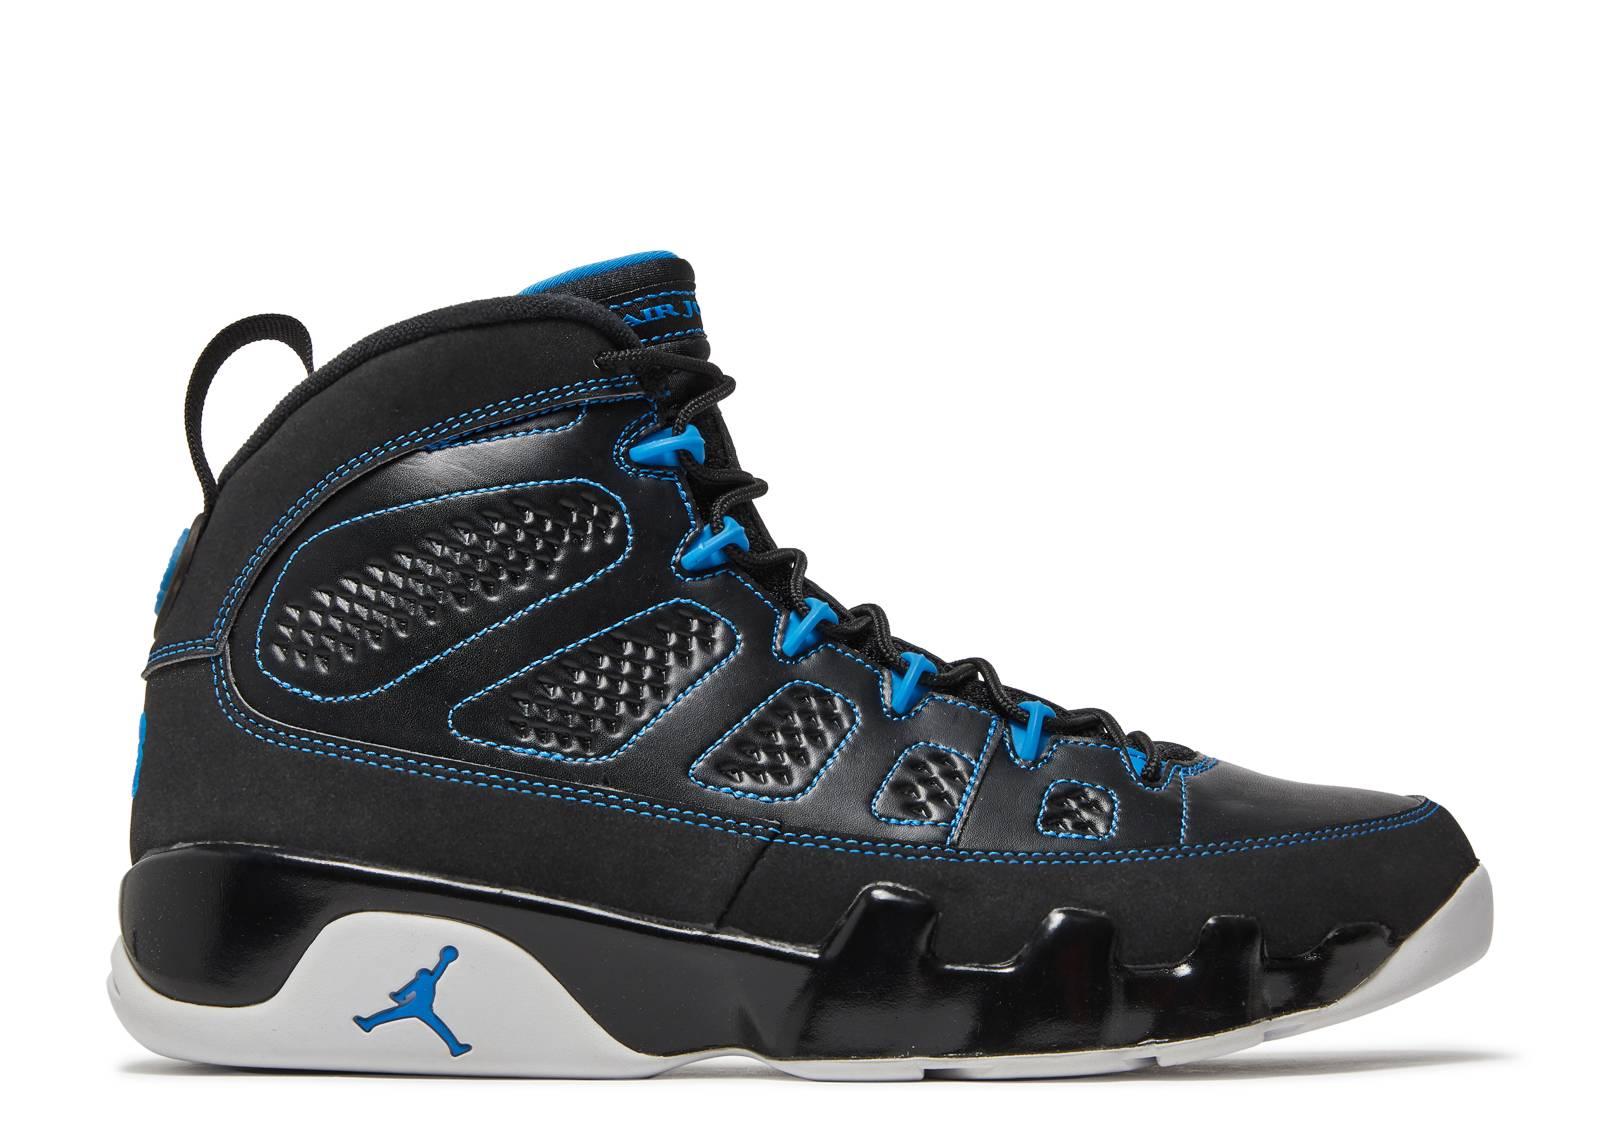 Jordan 9 Retro Black